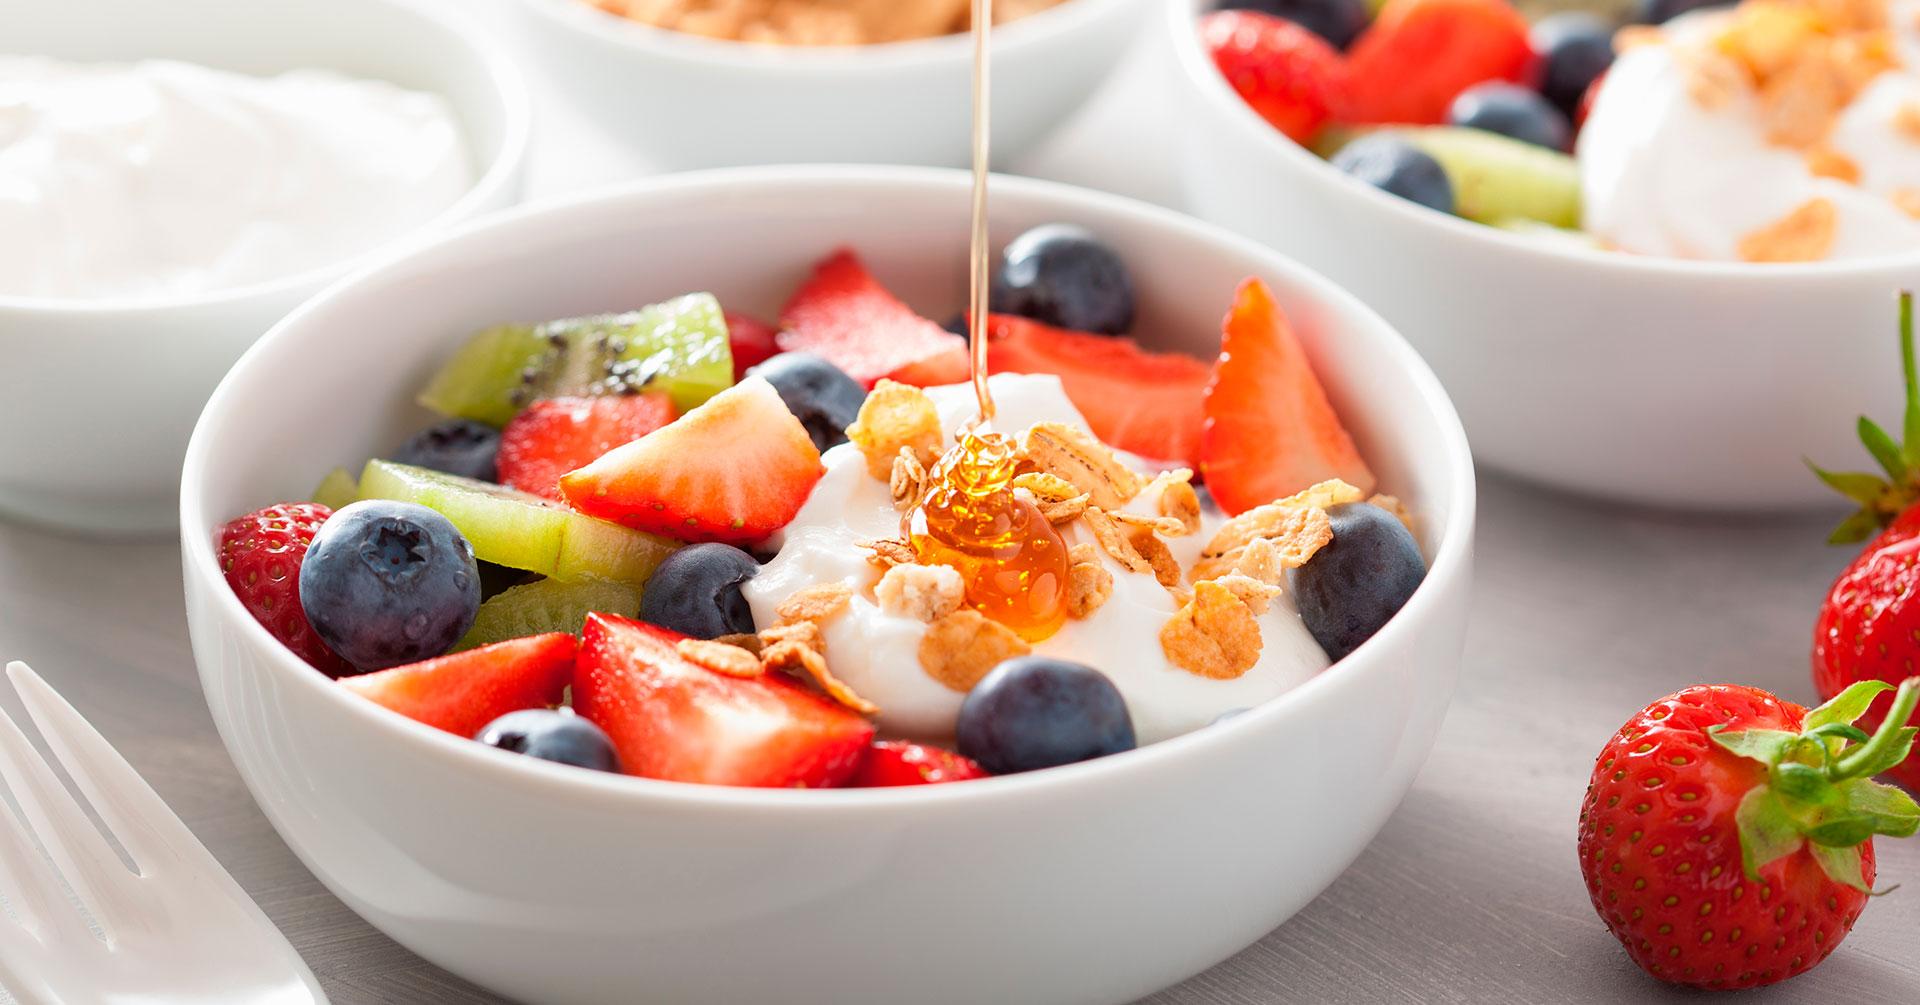 Ensalada de fruta fresca y granola